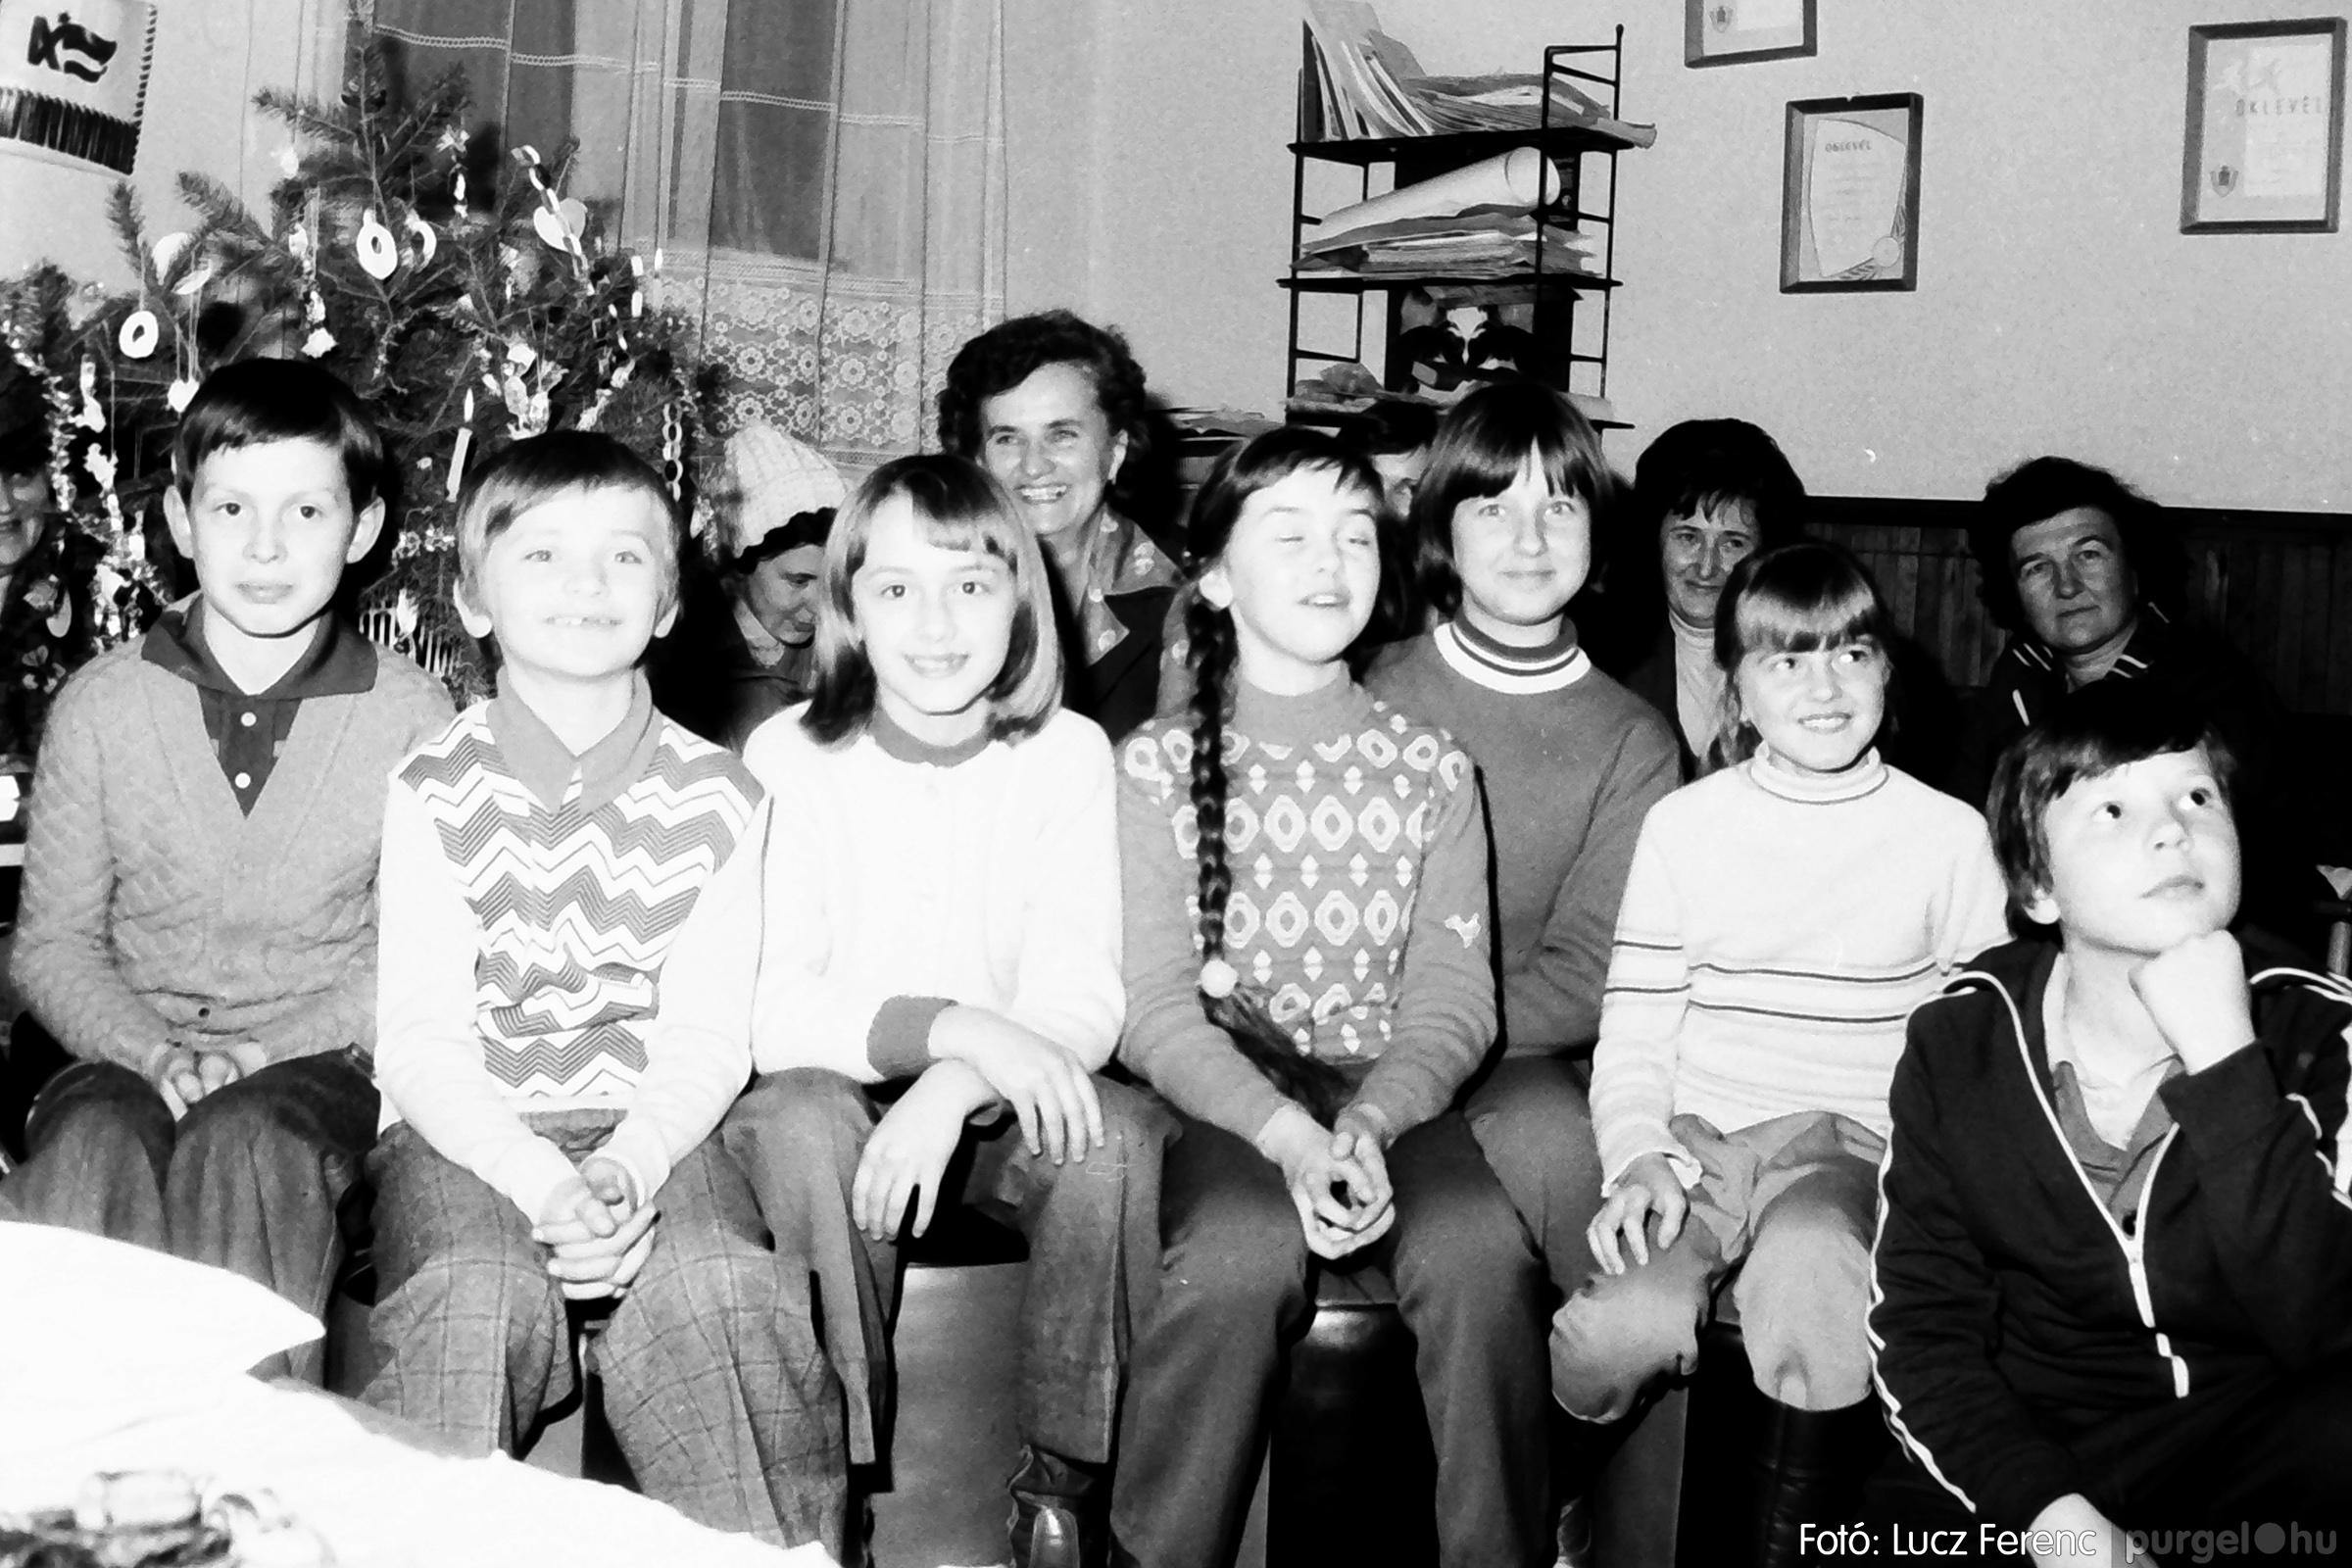 096. 1977. Karácsonyi összejövetel a kultúrházban 012. - Fotó: Lucz Ferenc.jpg